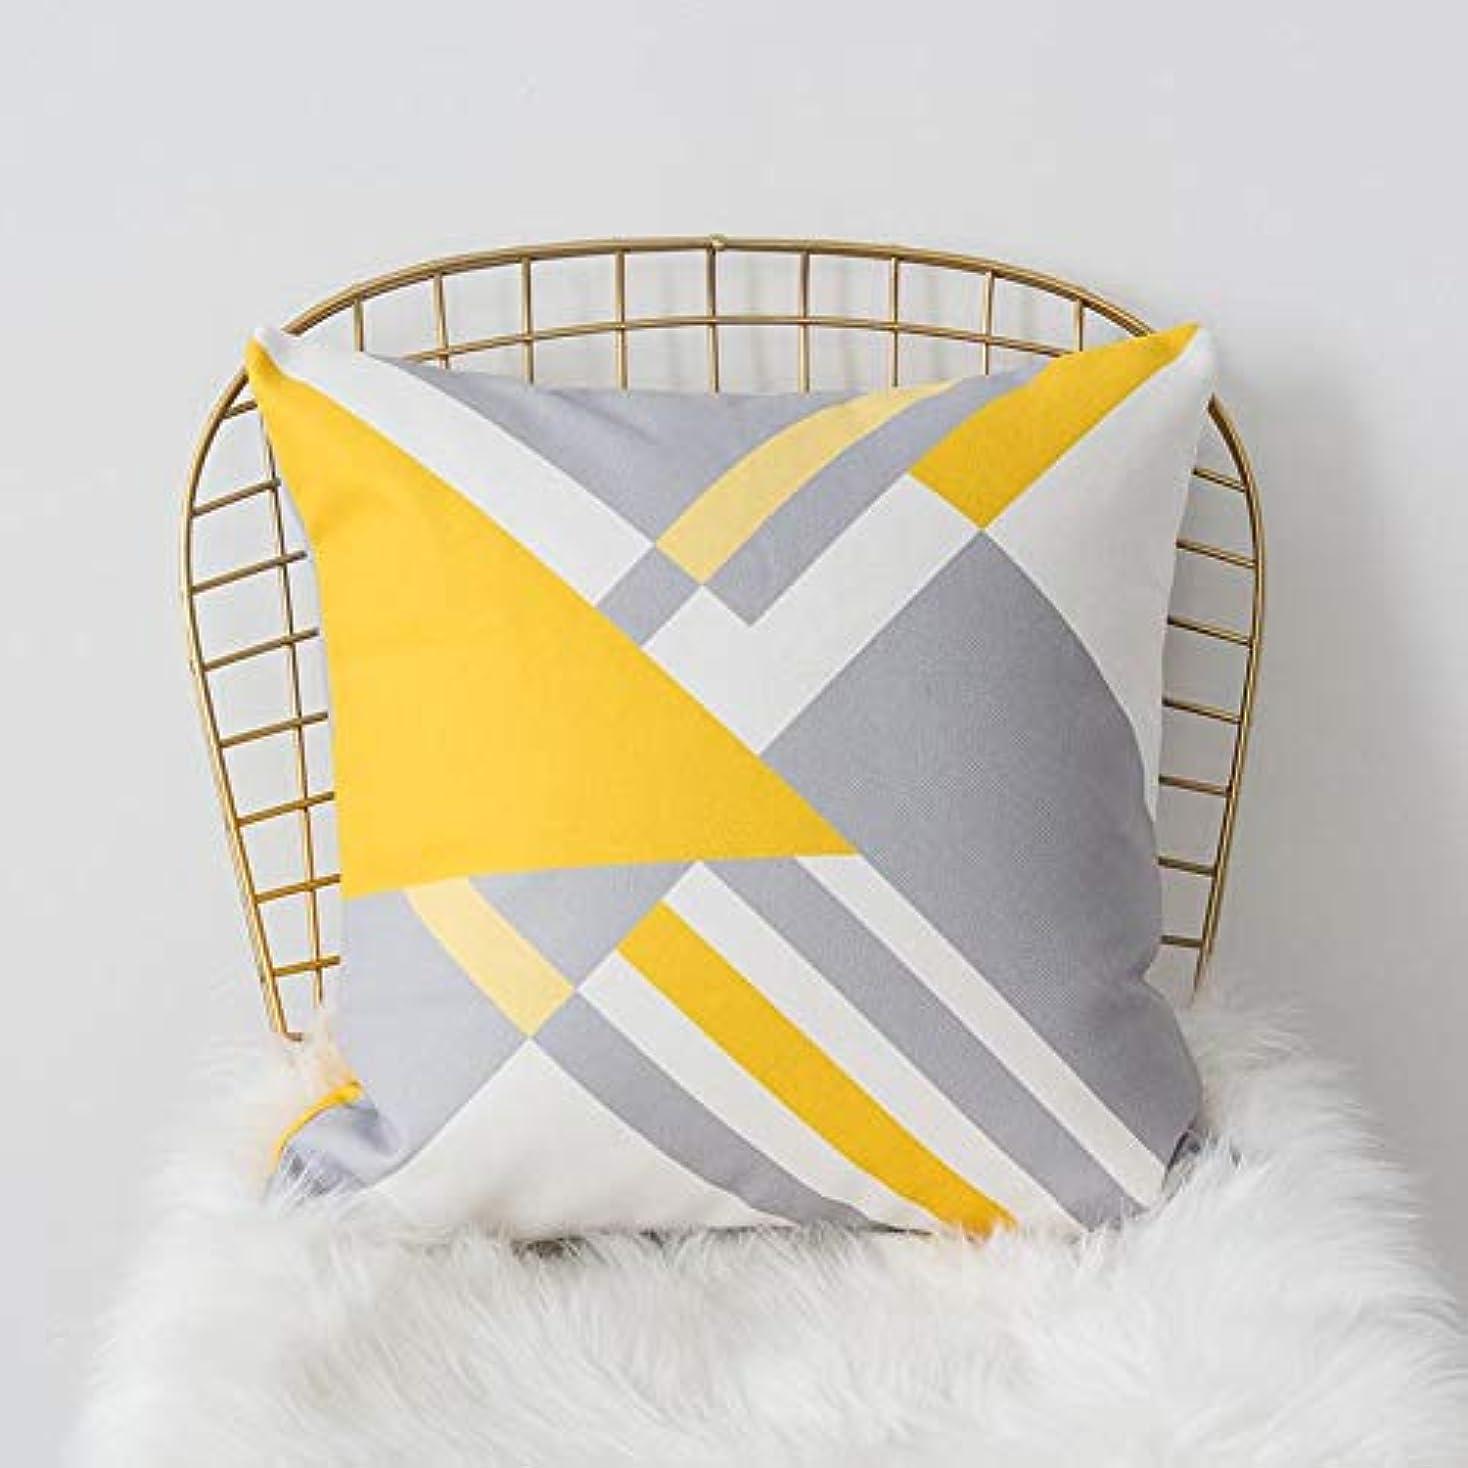 血まみれ悪党テキストLIFE 黄色グレー枕北欧スタイル黄色ヘラジカ幾何枕リビングルームのインテリアソファクッション Cojines 装飾良質 クッション 椅子